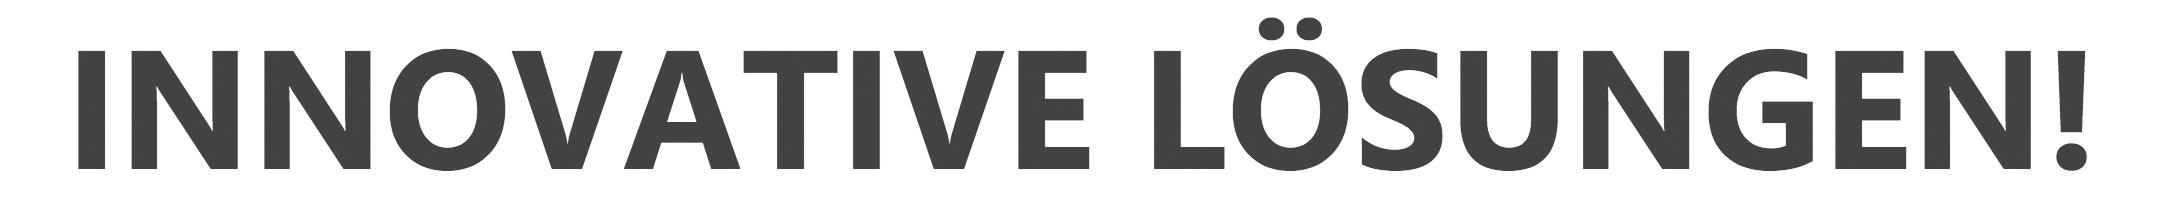 Folientechnik - Branding Division